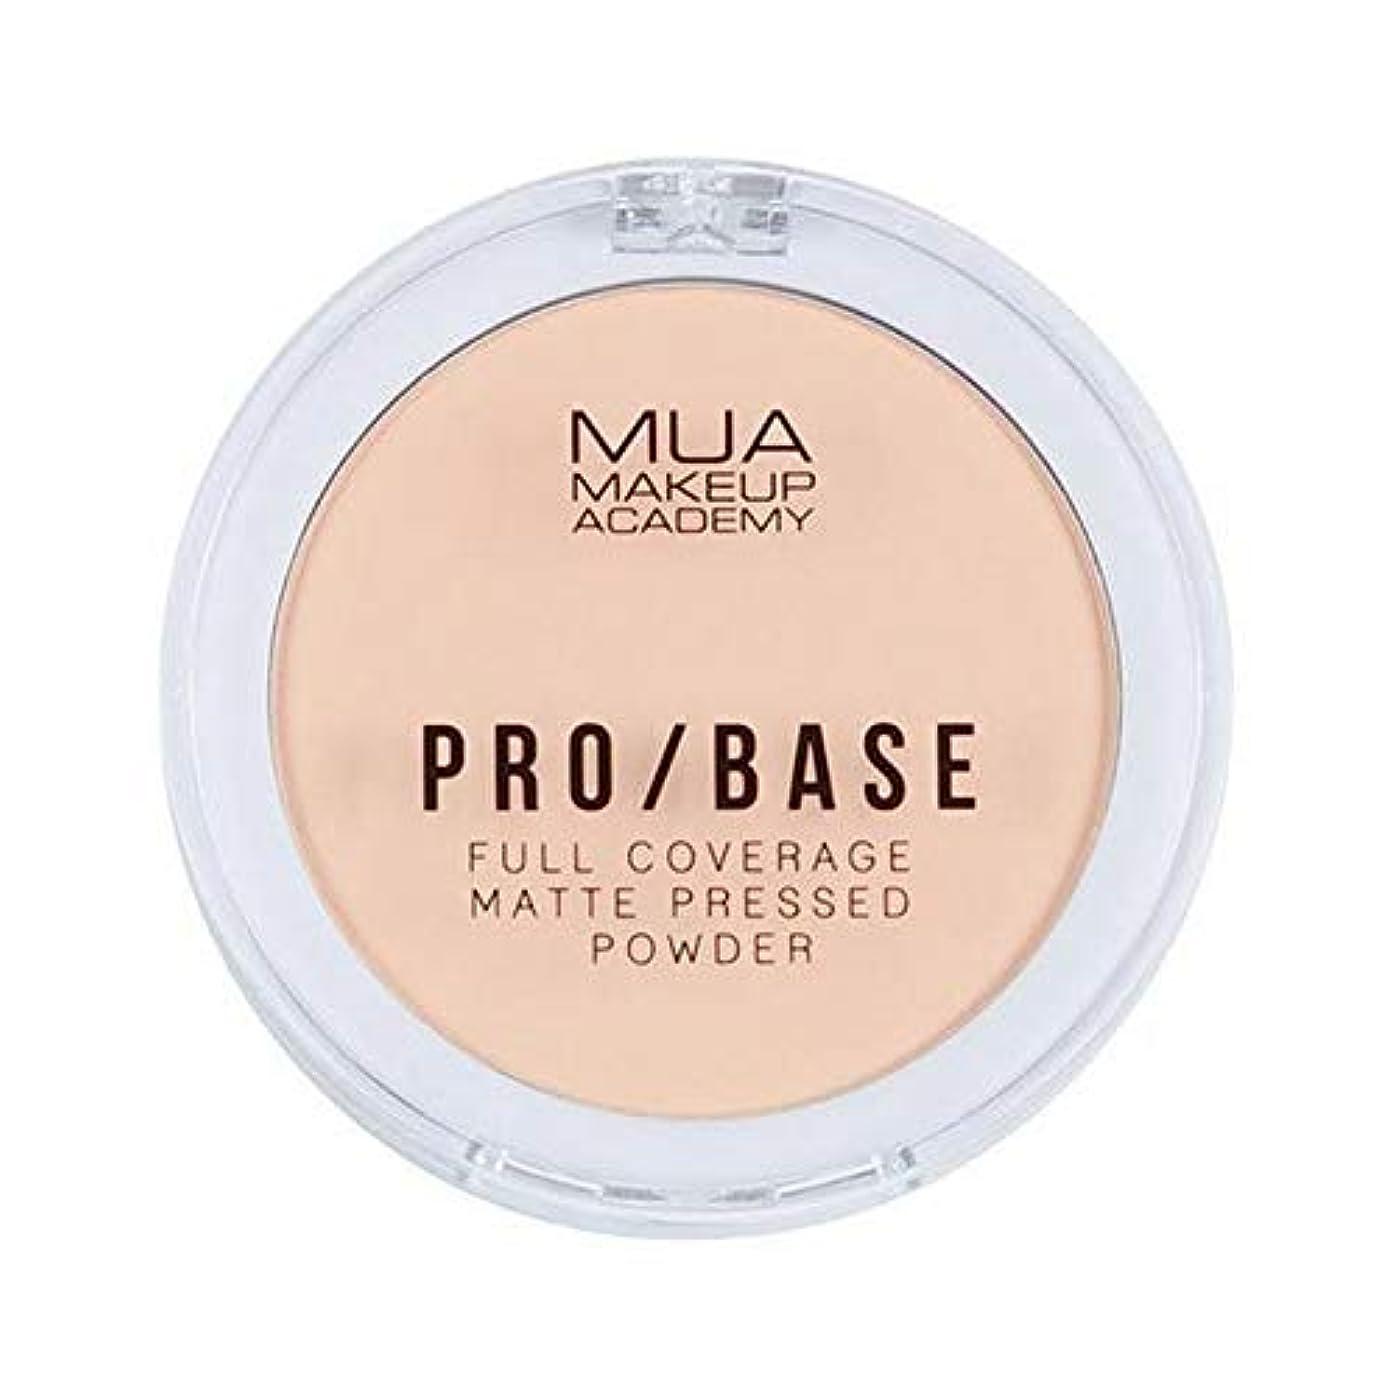 内向き皮肉残る[MUA] Mua Pro/ベースフルカバレッジマット粉末#110 - MUA Pro/Base Full Coverage Matte Powder #110 [並行輸入品]